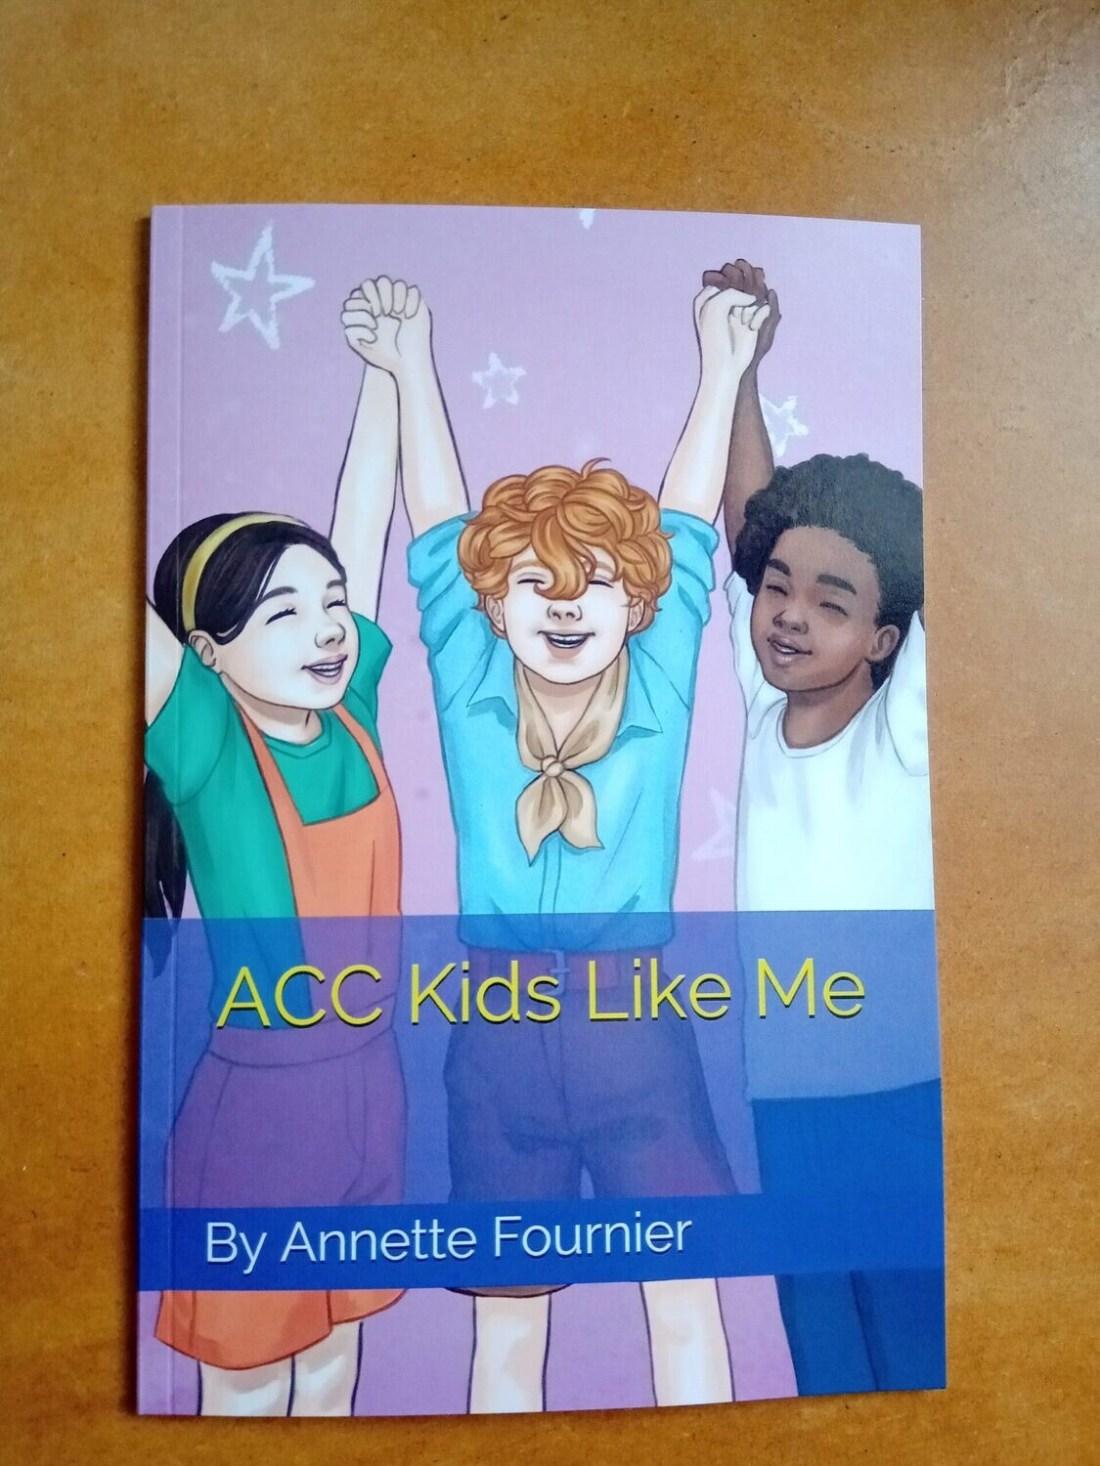 ACC & Kids Like Me